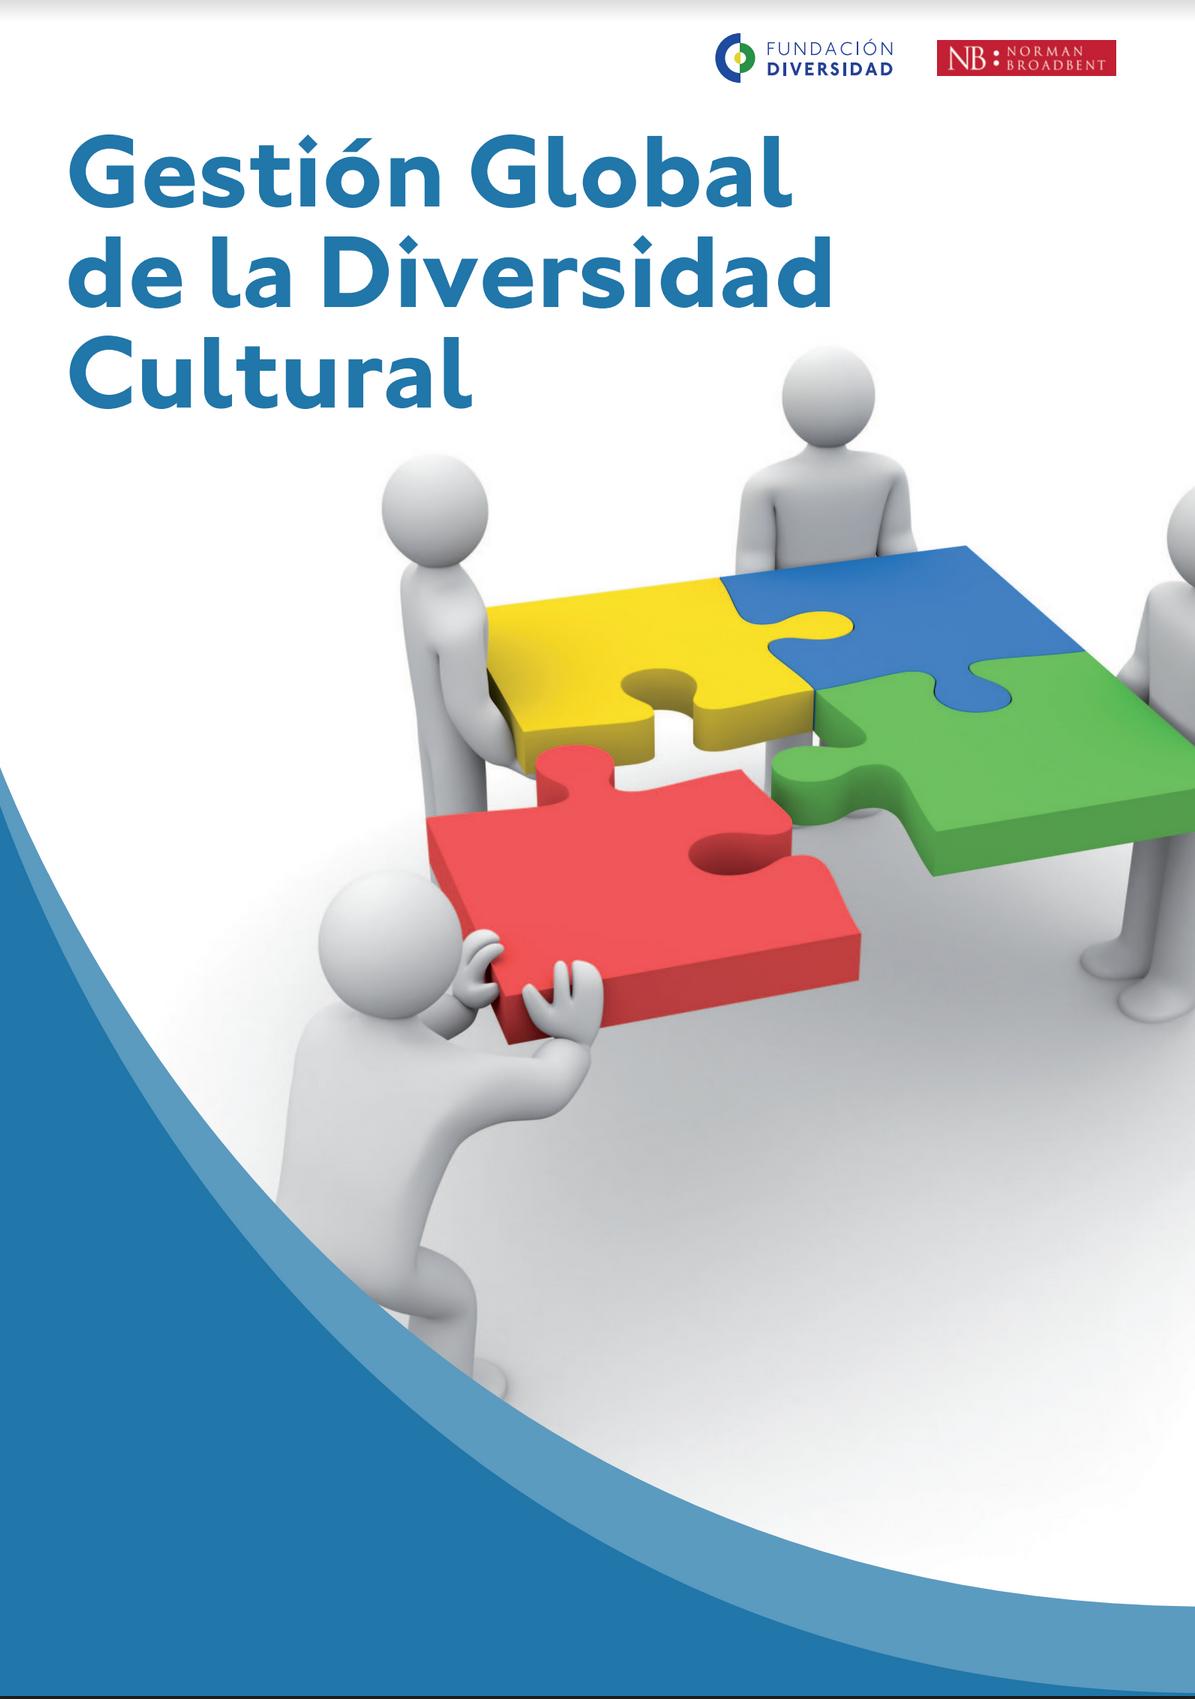 Gestión-Global-de-la-Diversidad-Cultural capa gestión global de la diversidad cultural Gestión Global de la Diversidad Cultural Gestion Global de la Diversidad Cultural capa